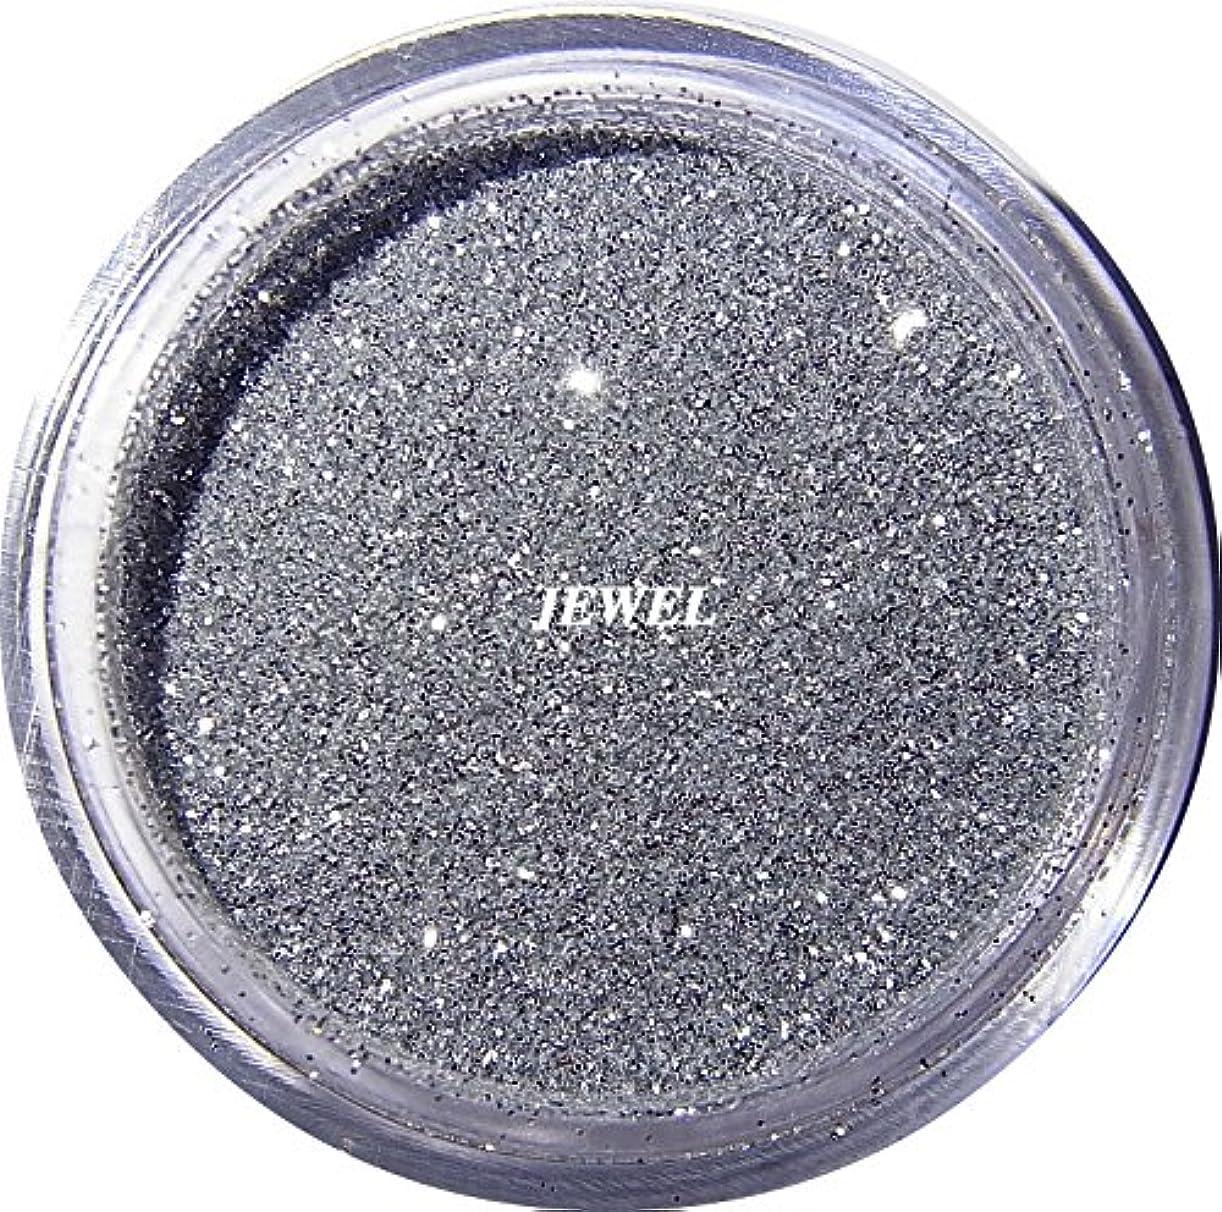 初期用心深い落ち着いて【jewel】 超微粒子ラメパウダー(銀/シルバー) 256/1サイズ 2g入り レジン&ネイル用 グリッター